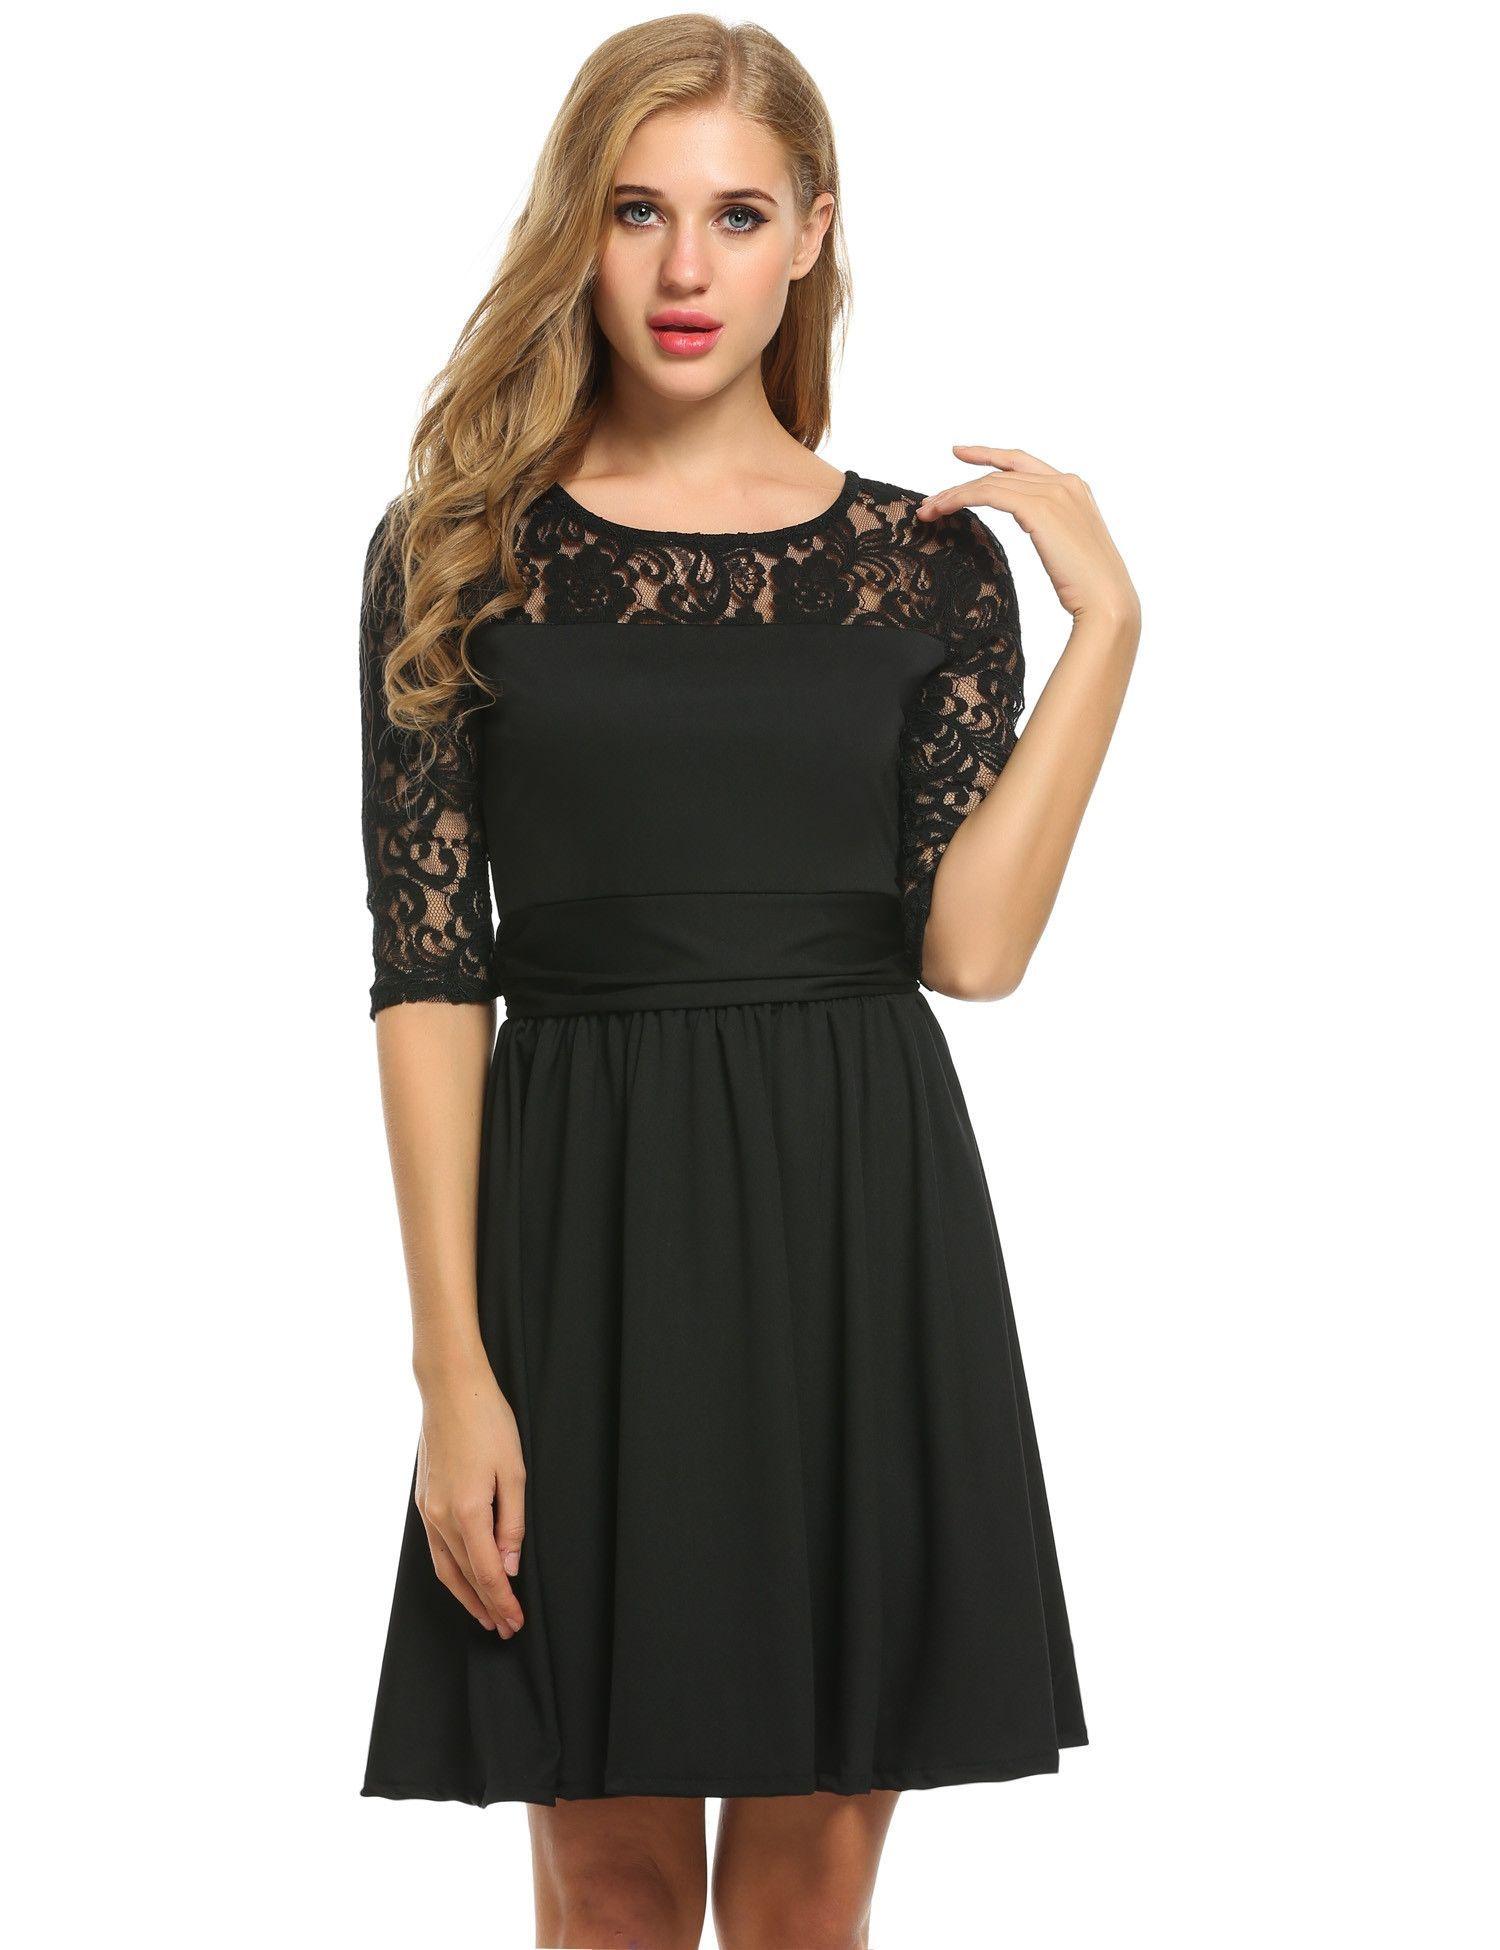 Lace Crochet 3/4 Sleeve Pleated Wedding Bridesmaid Dresses